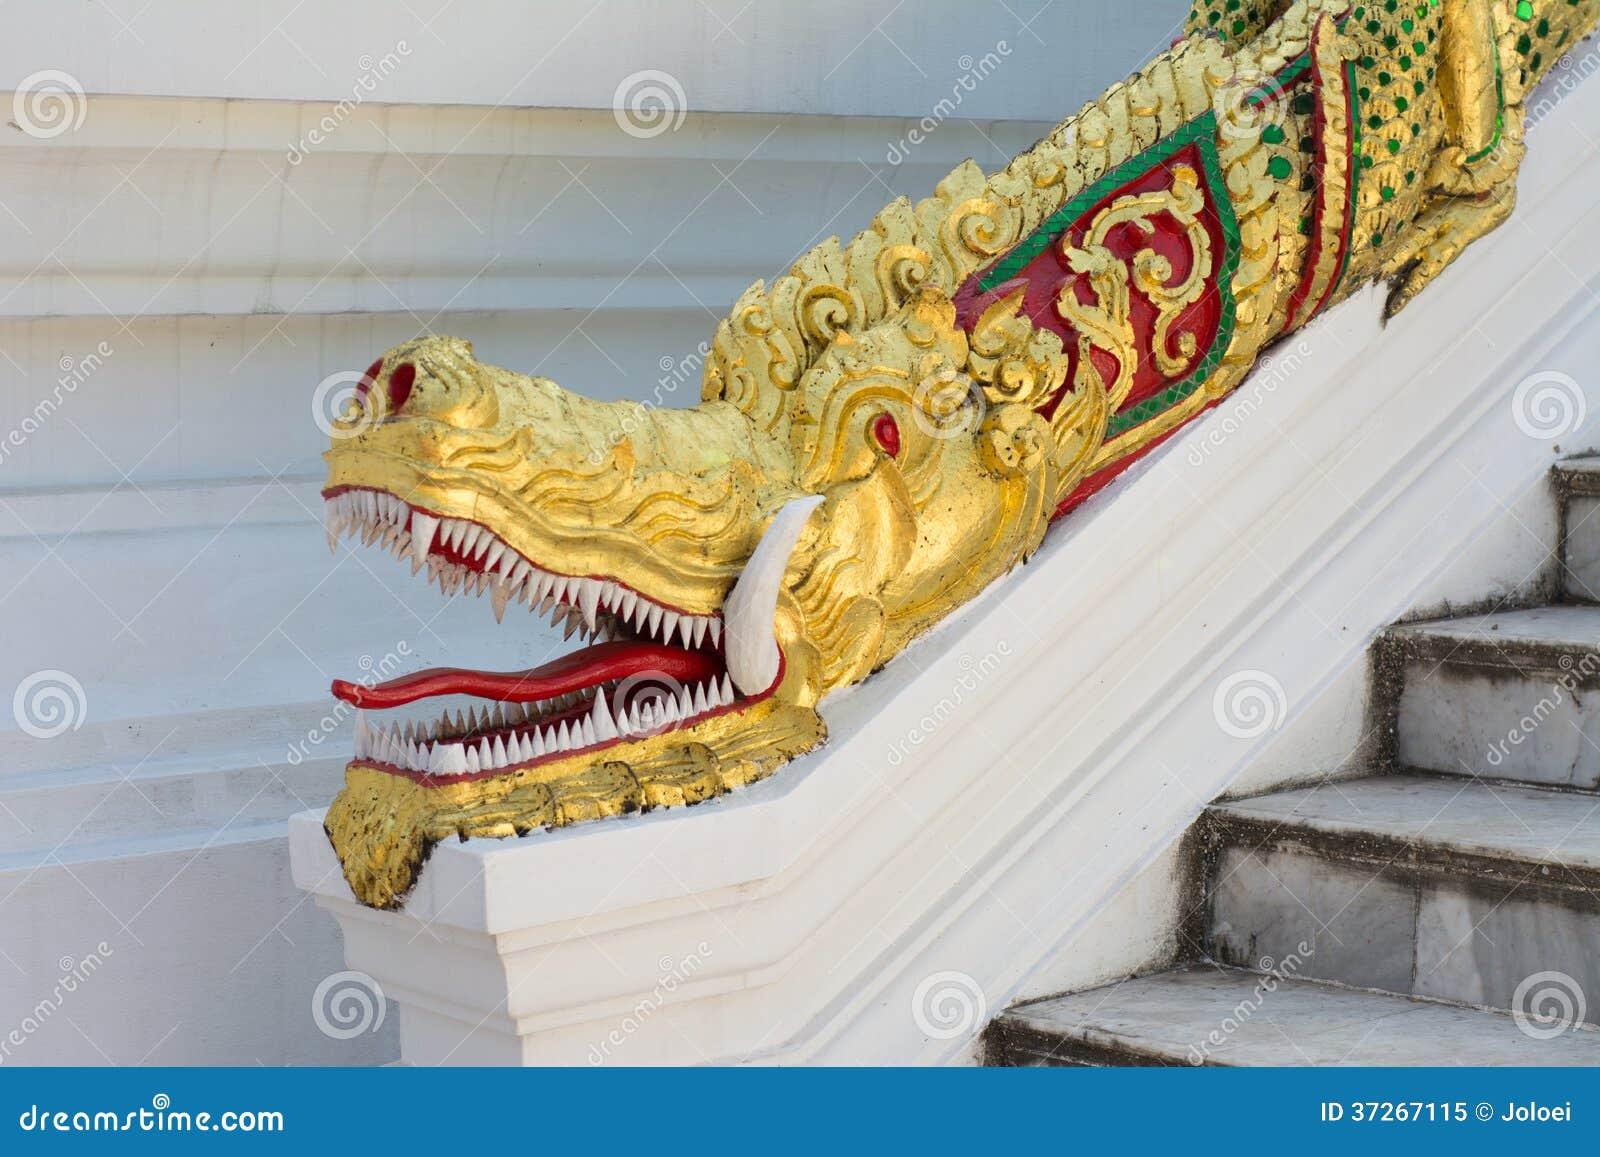 Dragon Head Statue